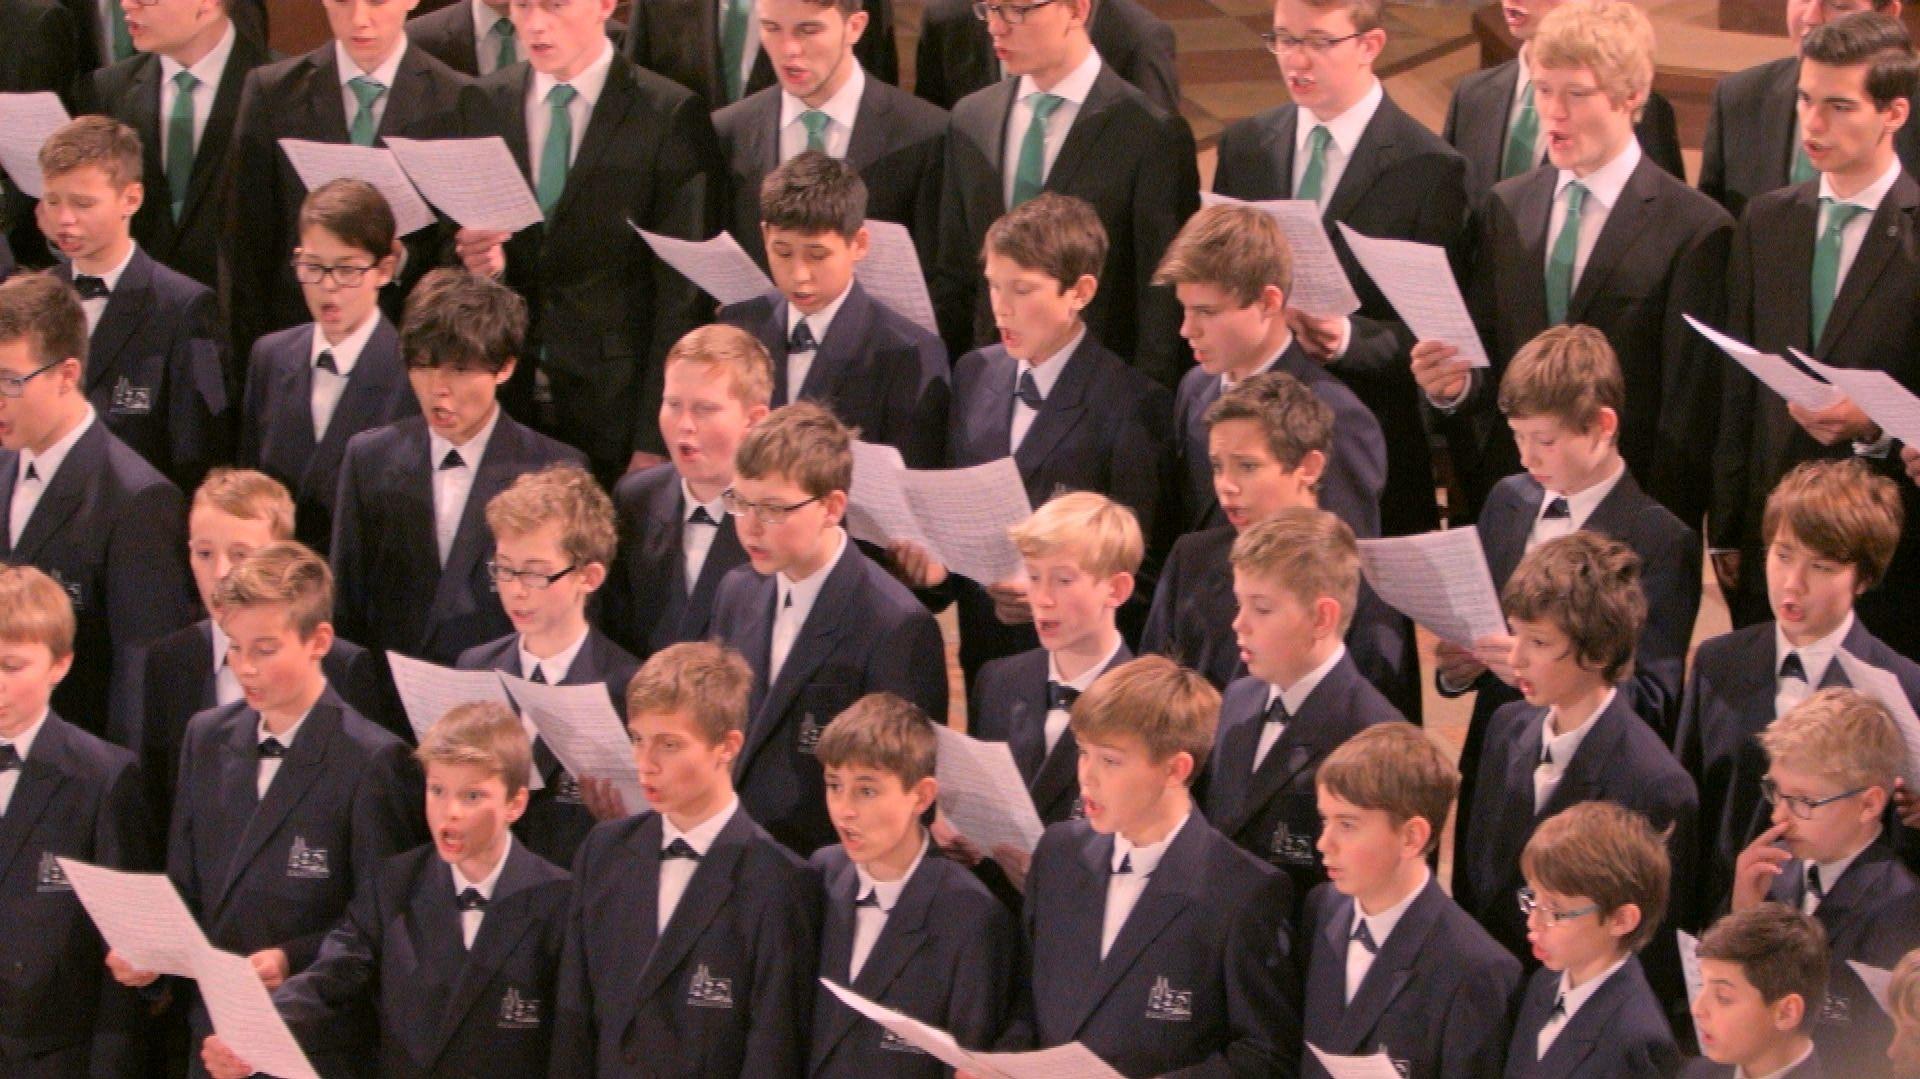 Die Regensburger Domspatzen